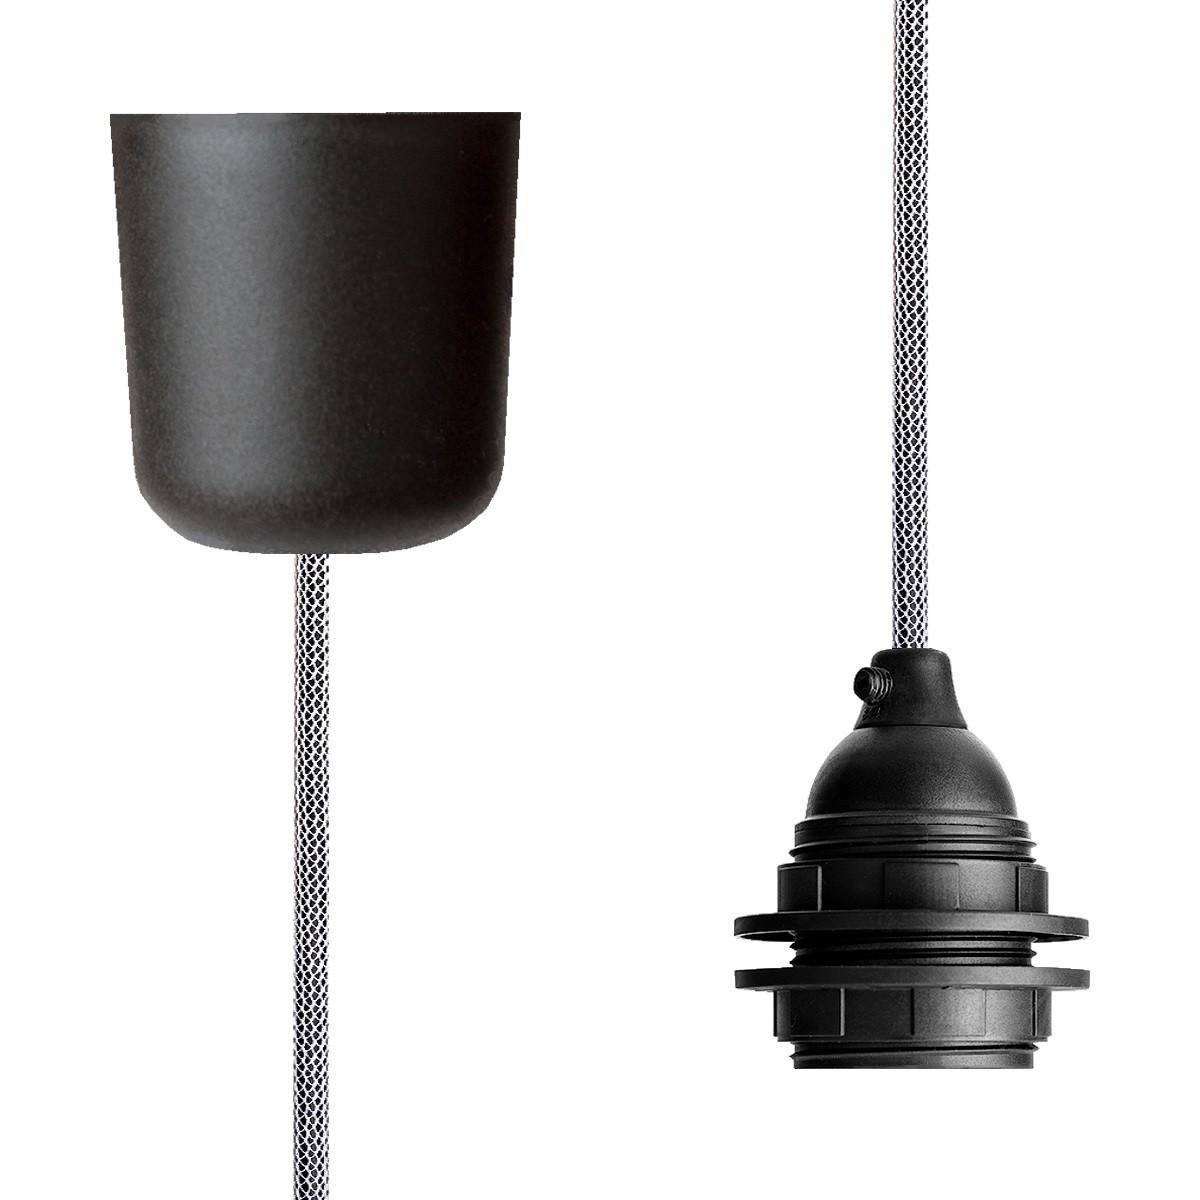 Pendant Lamp Plastic Shiny White-Black Netlike